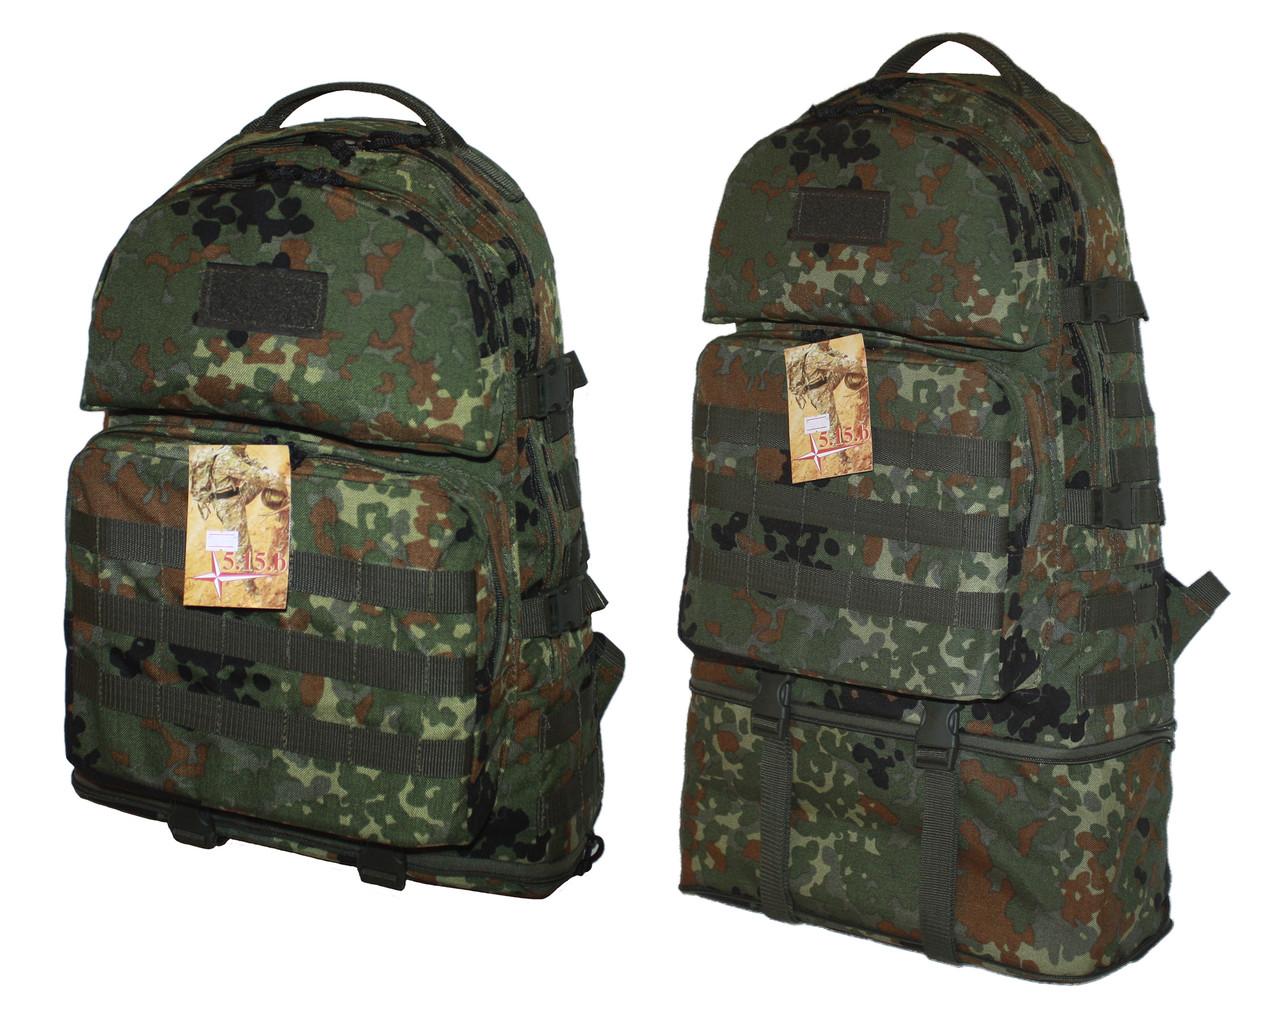 Тактичний туристичний супер-міцний рюкзак Трансформер 40-60 л. Флектарн Flektarn 161/32 1200 ден